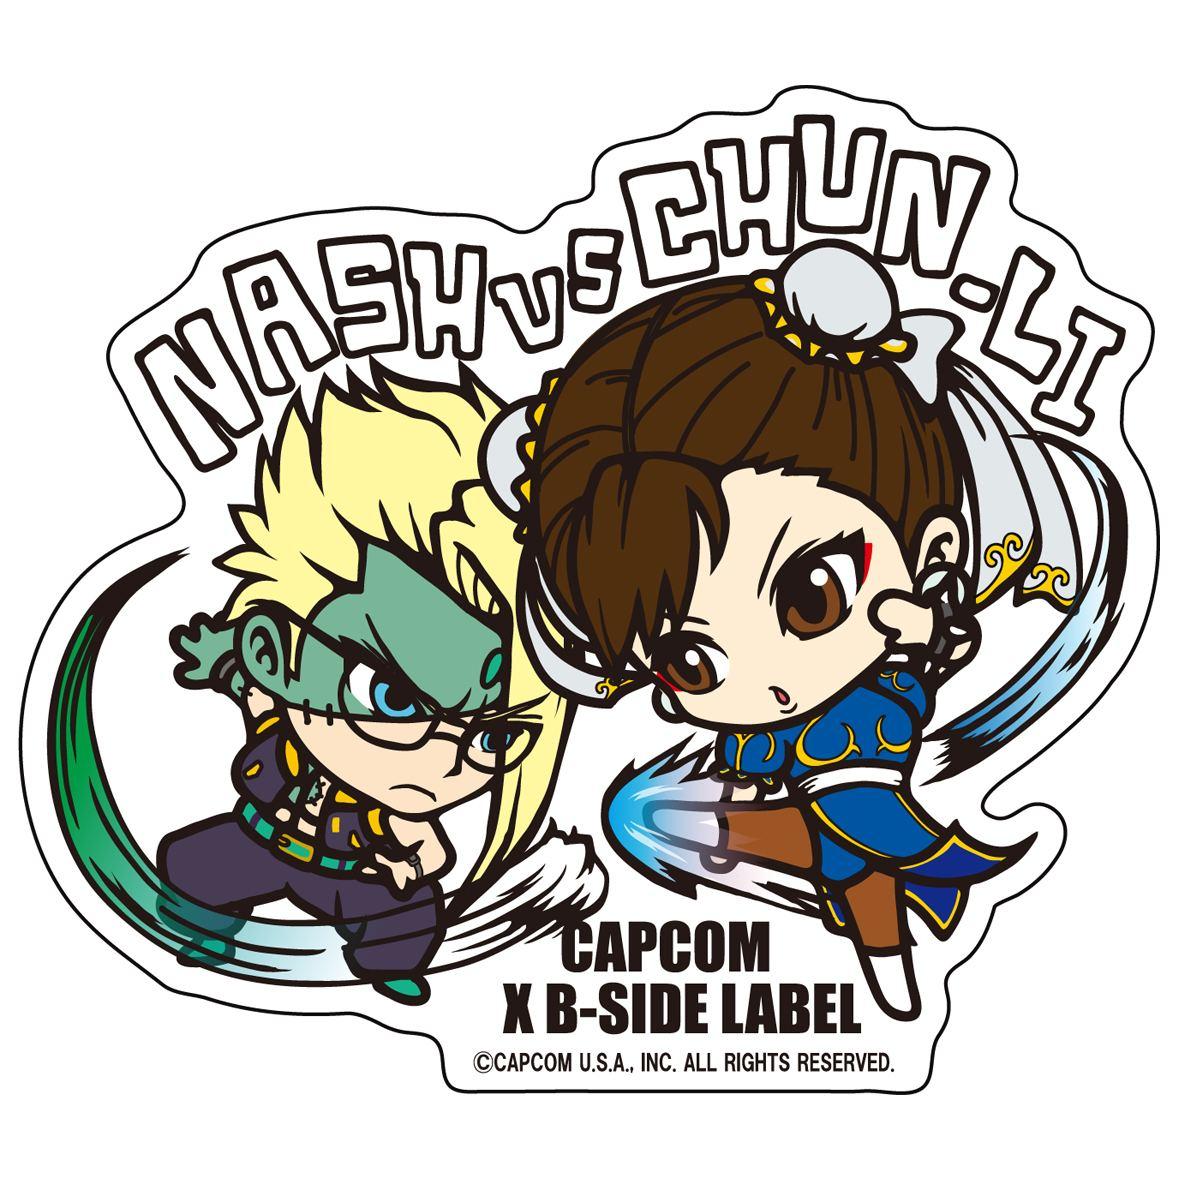 Capcom x bside label sticker l street fighter nash chunli 422995 1 jpgo2tplx